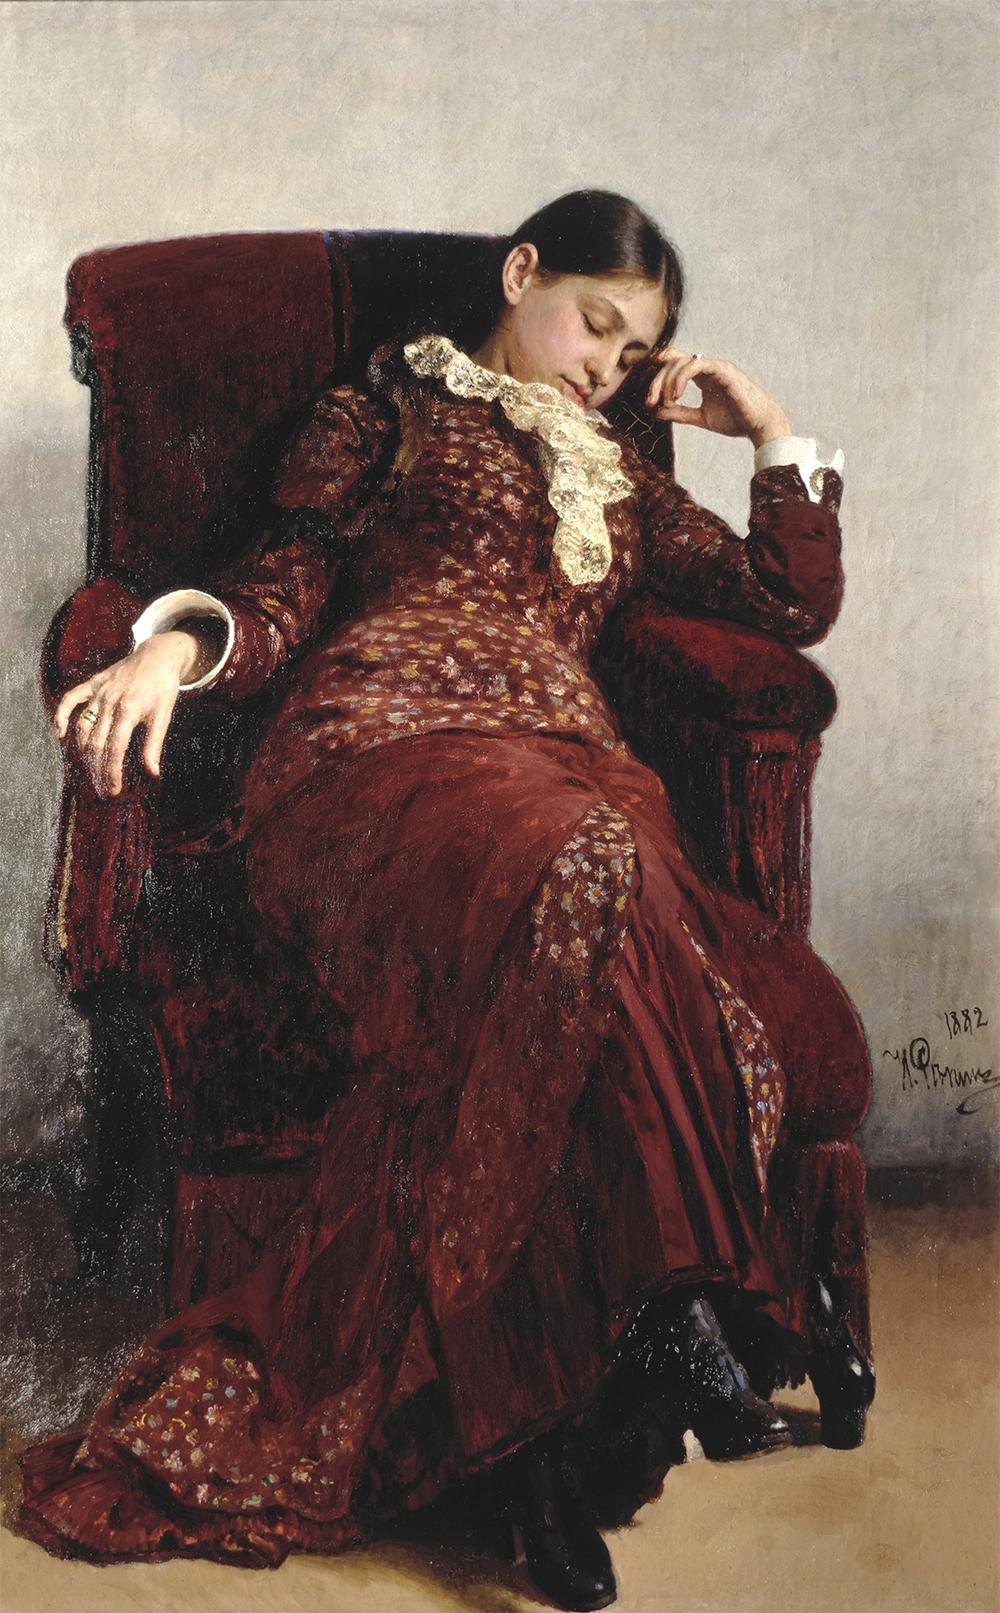 Среди 18похищенных шедевров была и жемчужина выставки– картина Ильи Репина «Отдых».